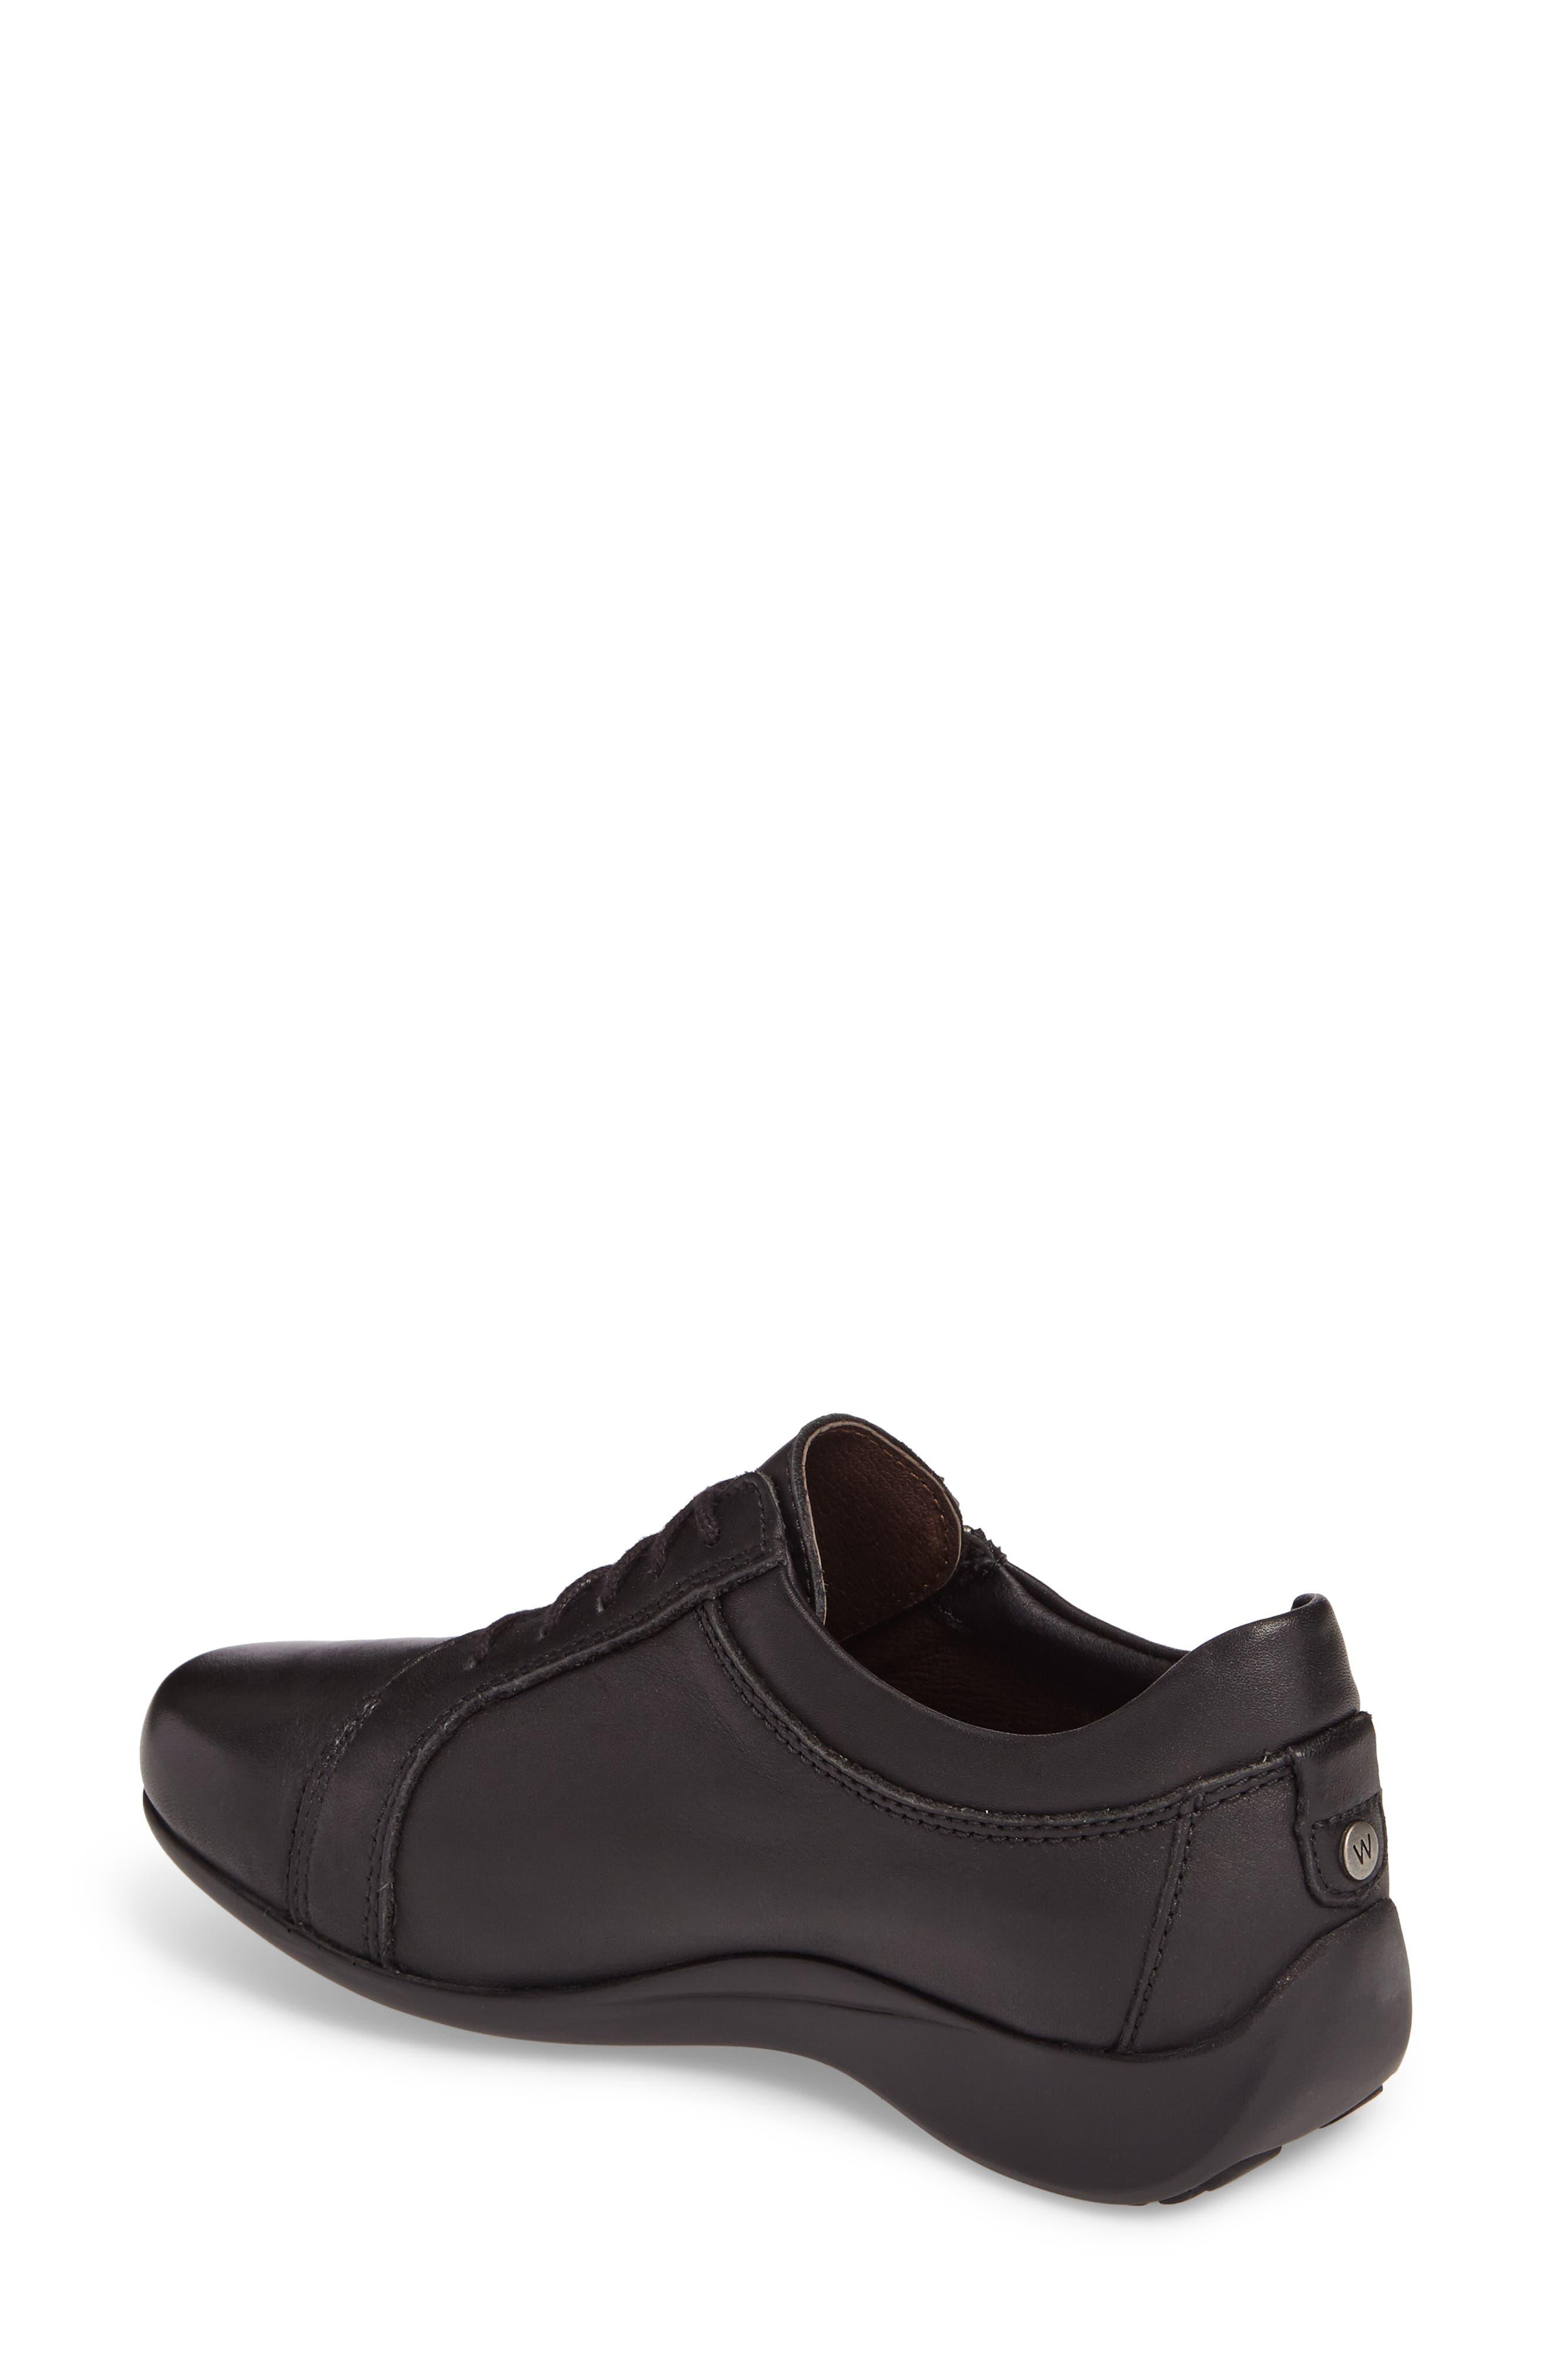 Bonnie Sneaker,                             Alternate thumbnail 2, color,                             001